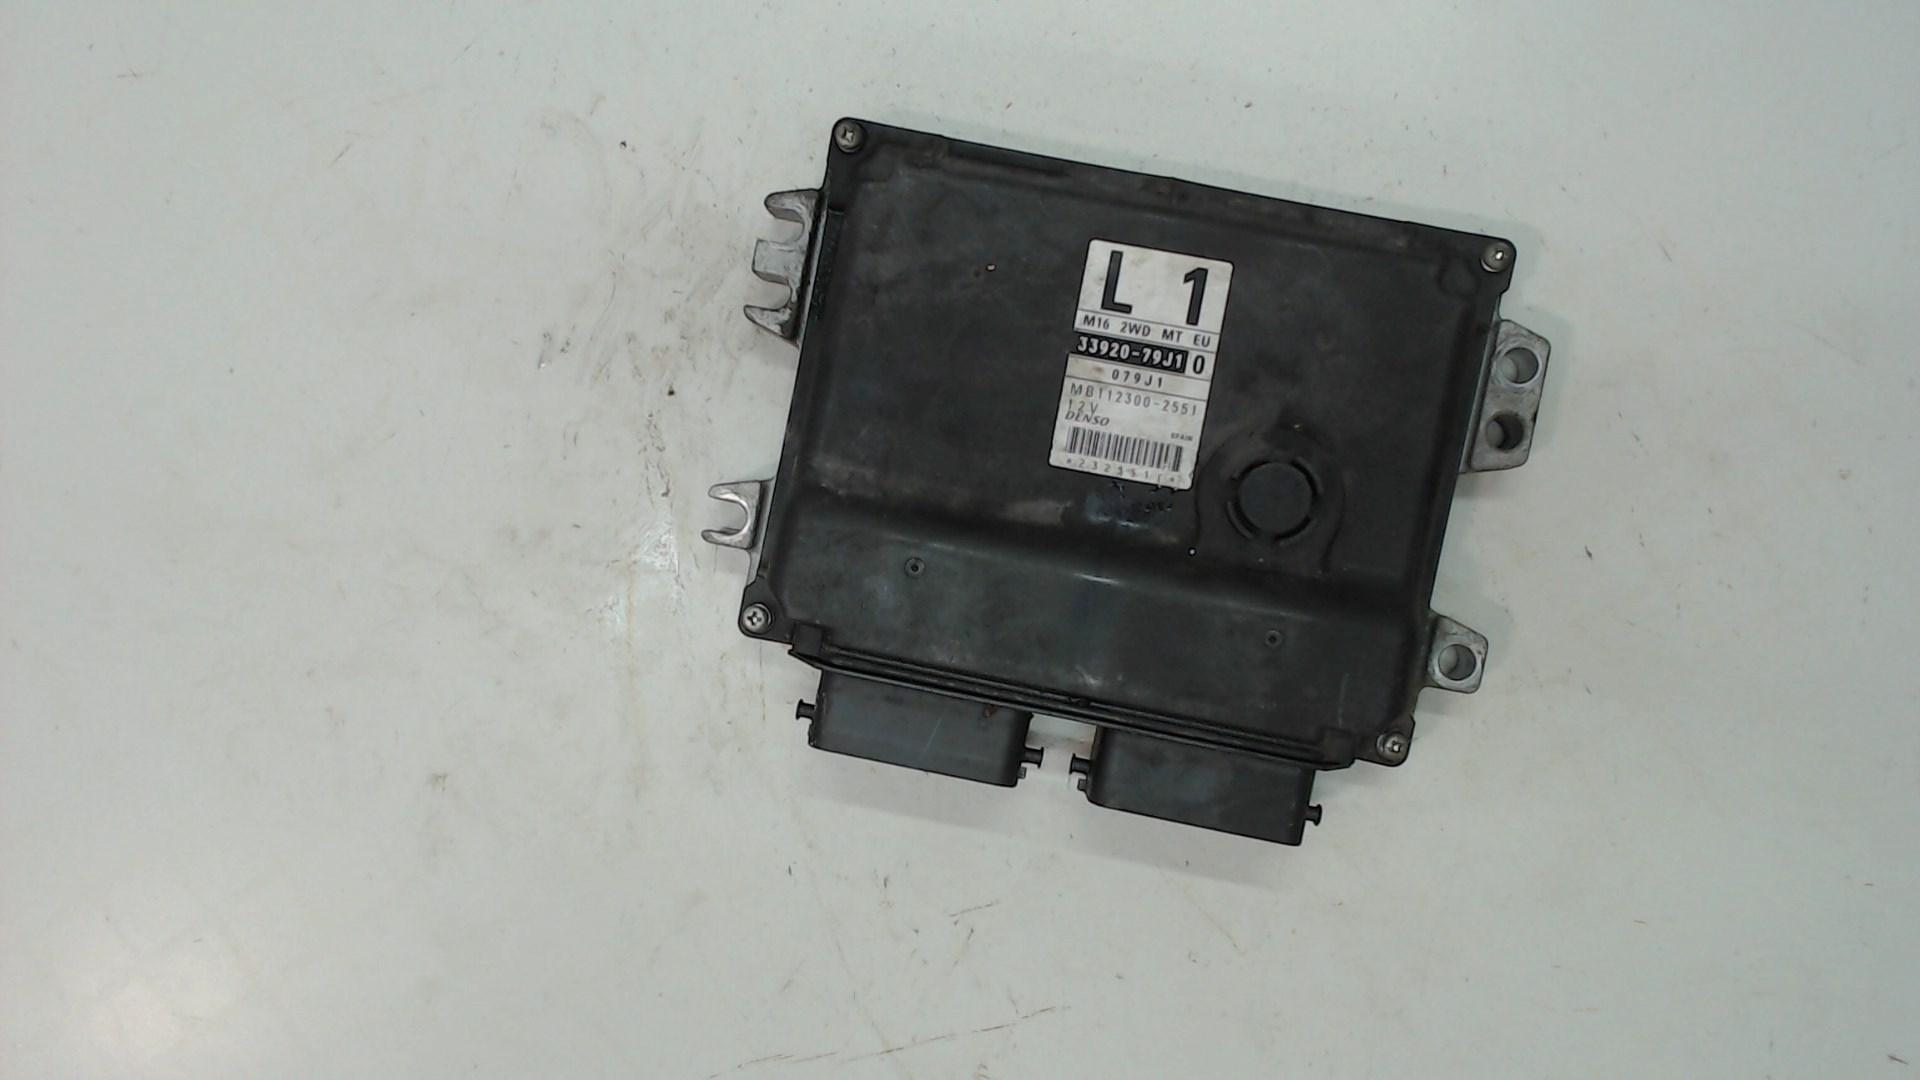 Блок управления (другие) Suzuki SX4 1 3392079J1 / 1123002551